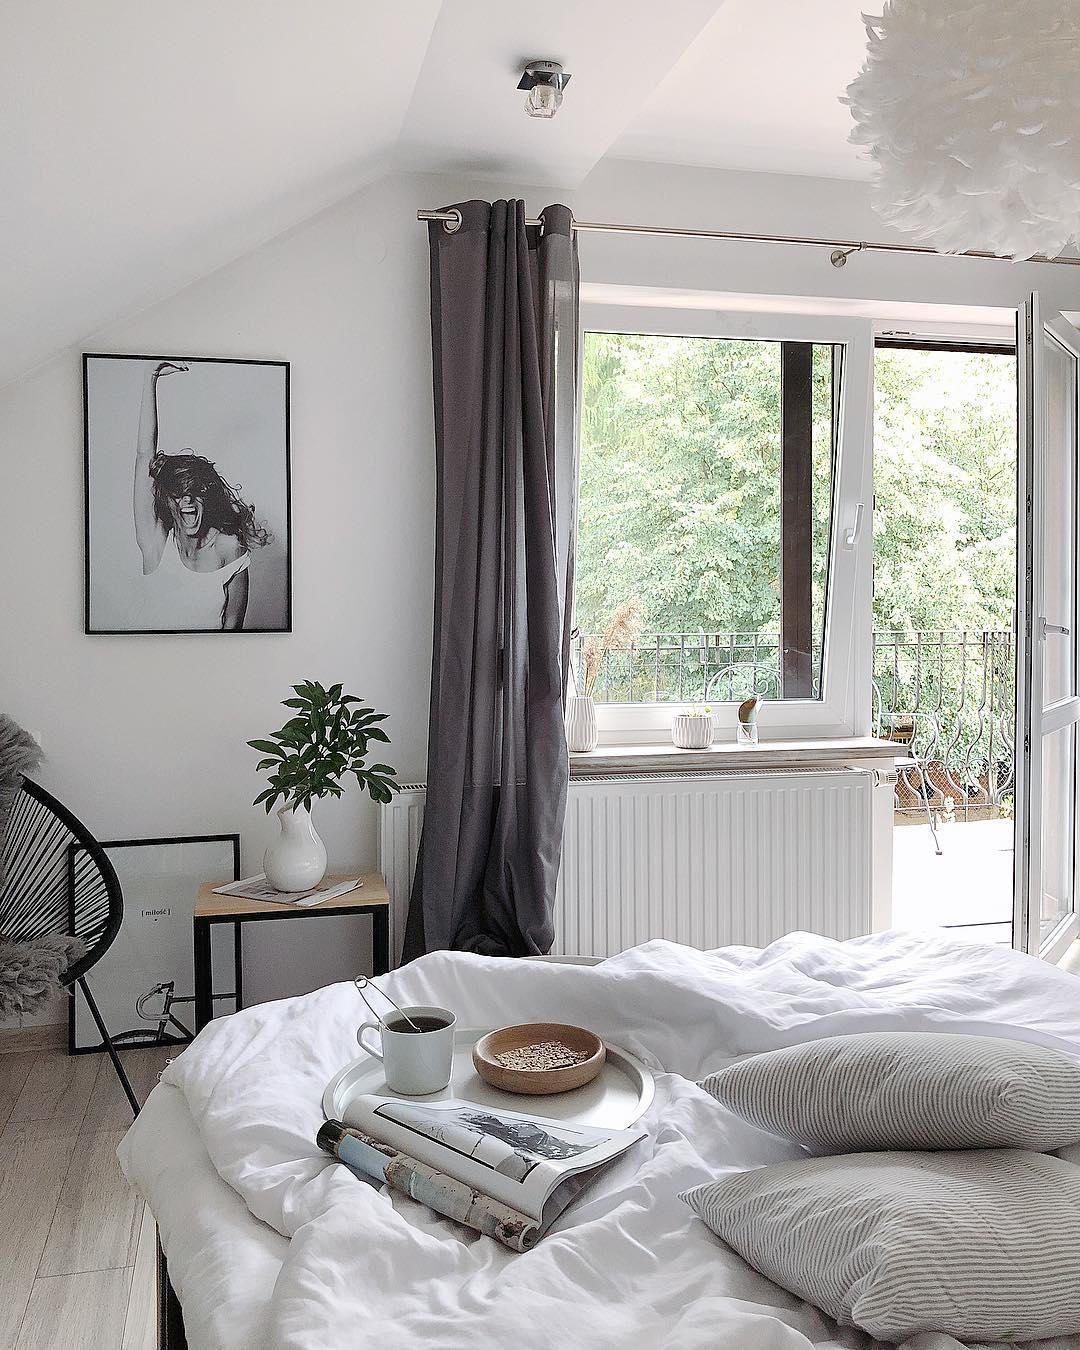 Sanfte Träume Sind In Diesem Schlafzimmer Im Monochrom Look  Vorprogrammiert. Die Pendelleuchte Eos Im Federkleid